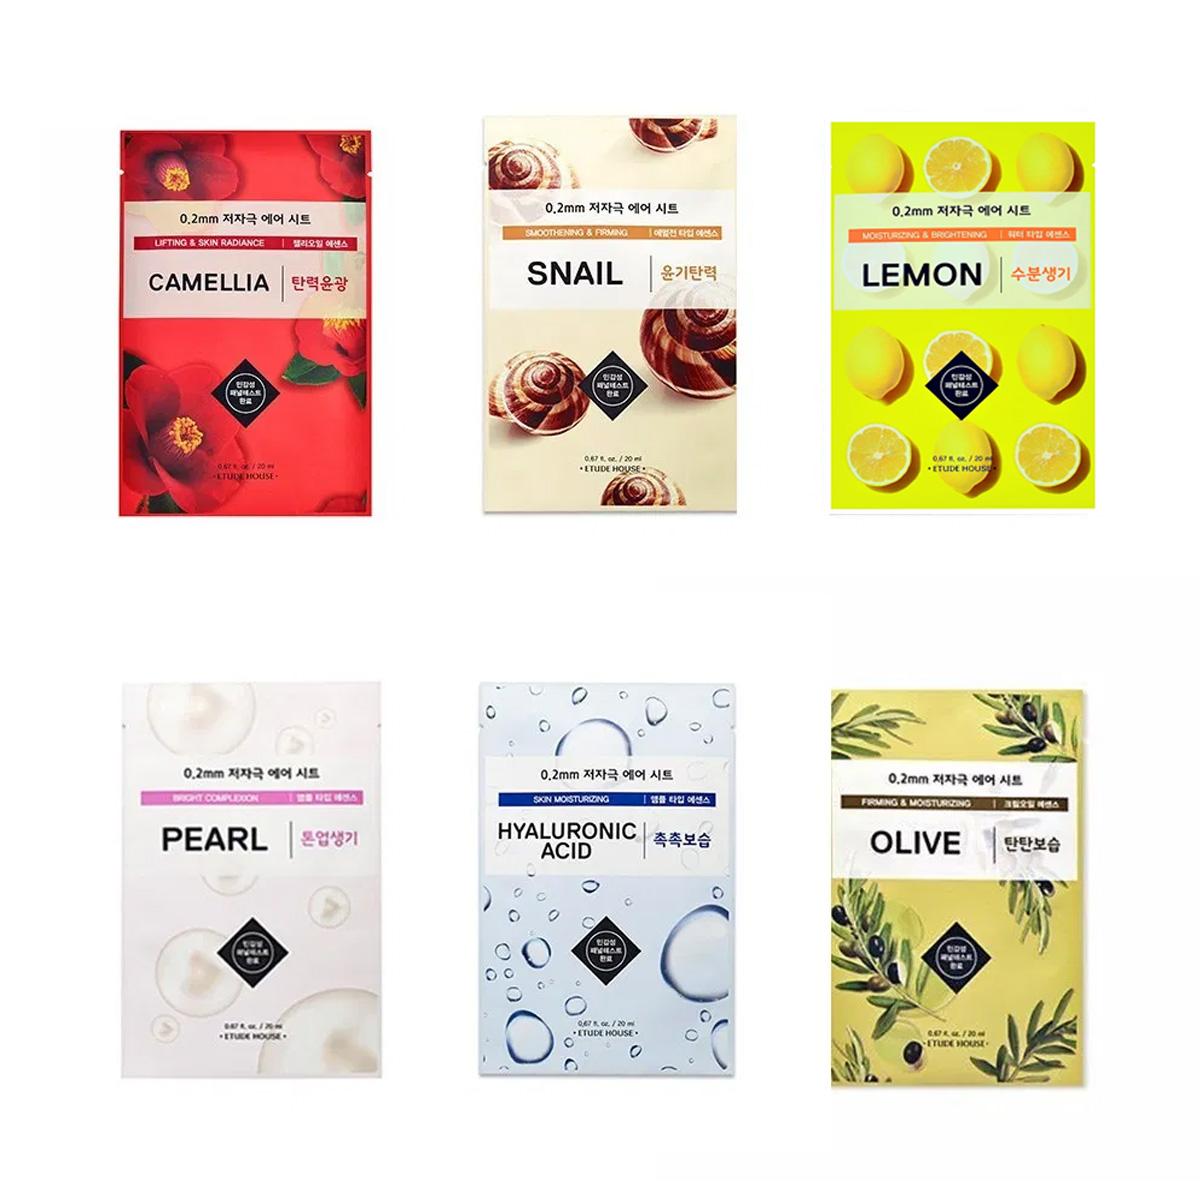 Paquete 6 Mascarillas Etude House 0.2 Therapy Air Mask Hidrata Ilumina